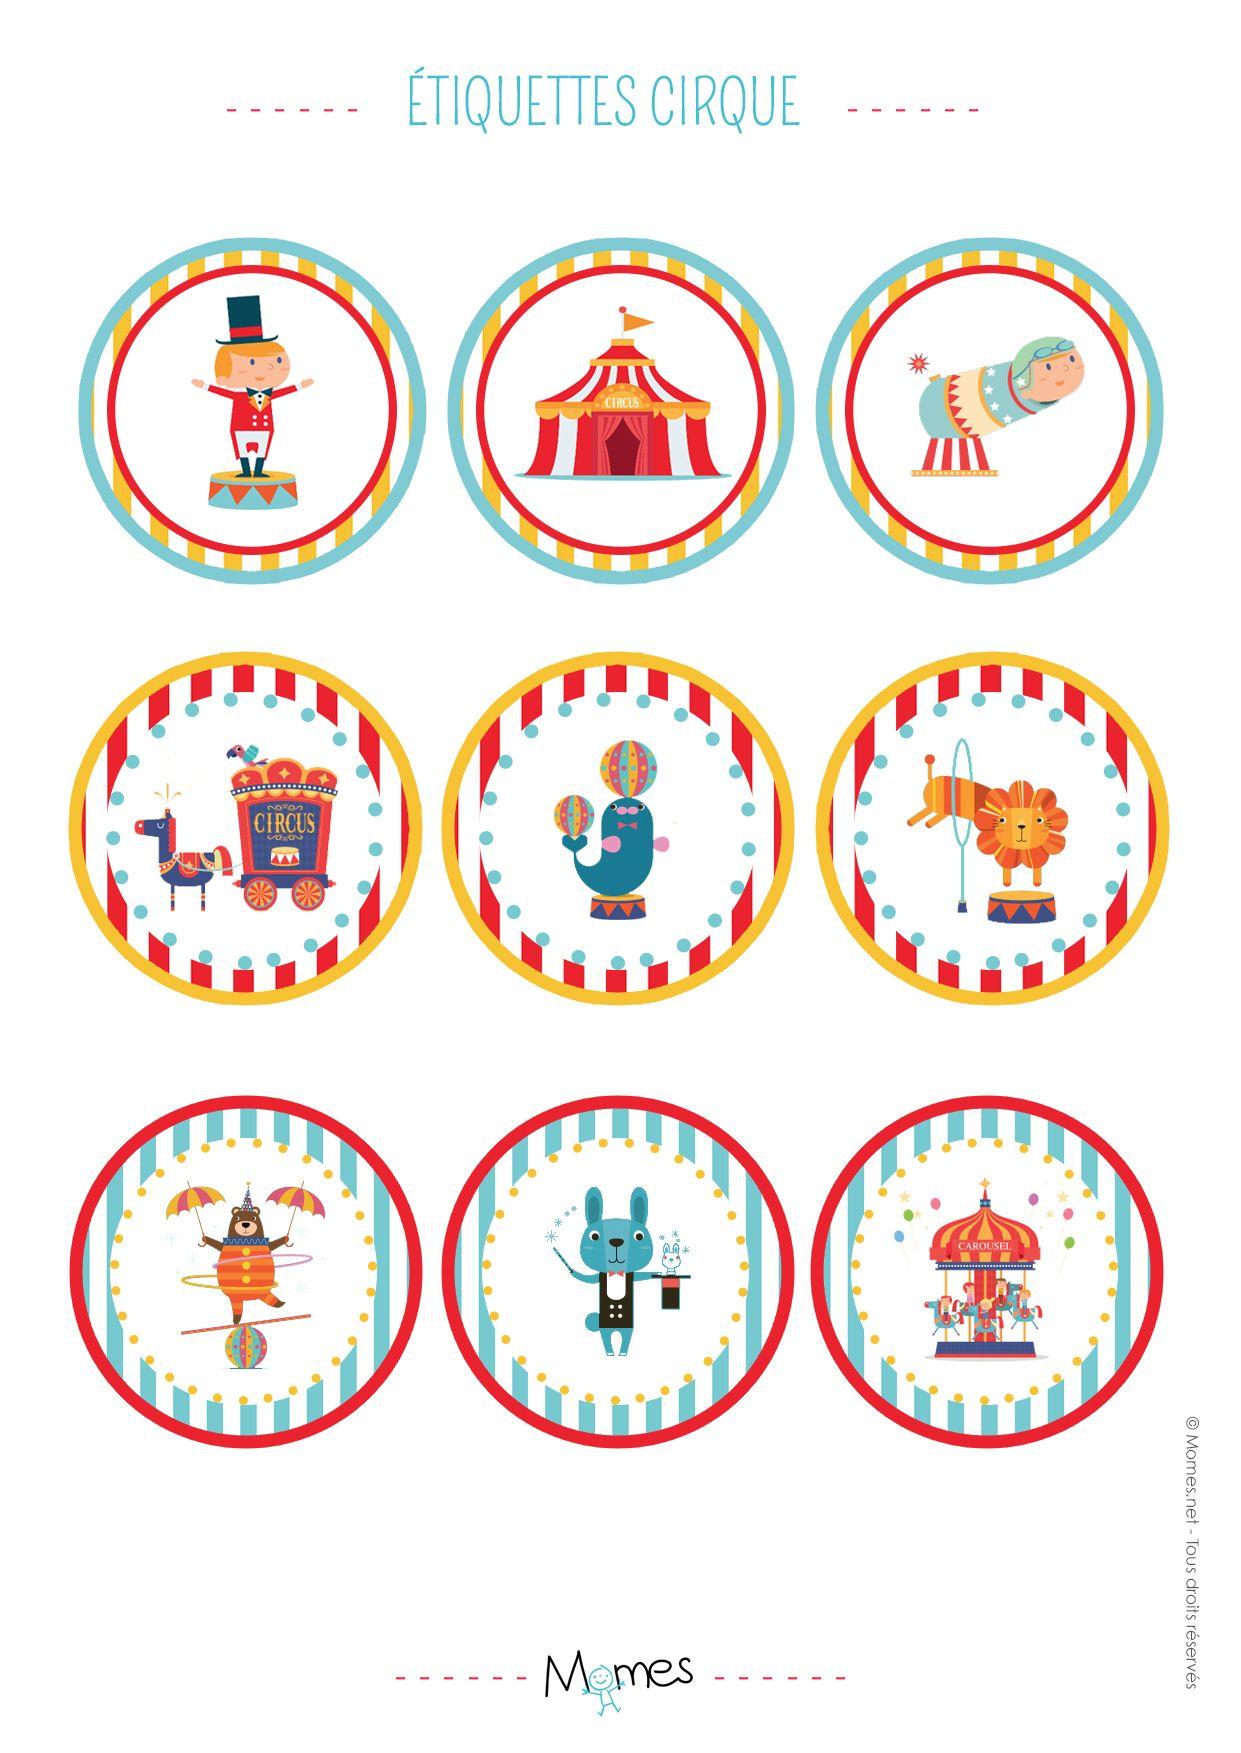 d coration g teau cirque imprimer pinterest circo cumplea os de circo y cumplea os. Black Bedroom Furniture Sets. Home Design Ideas